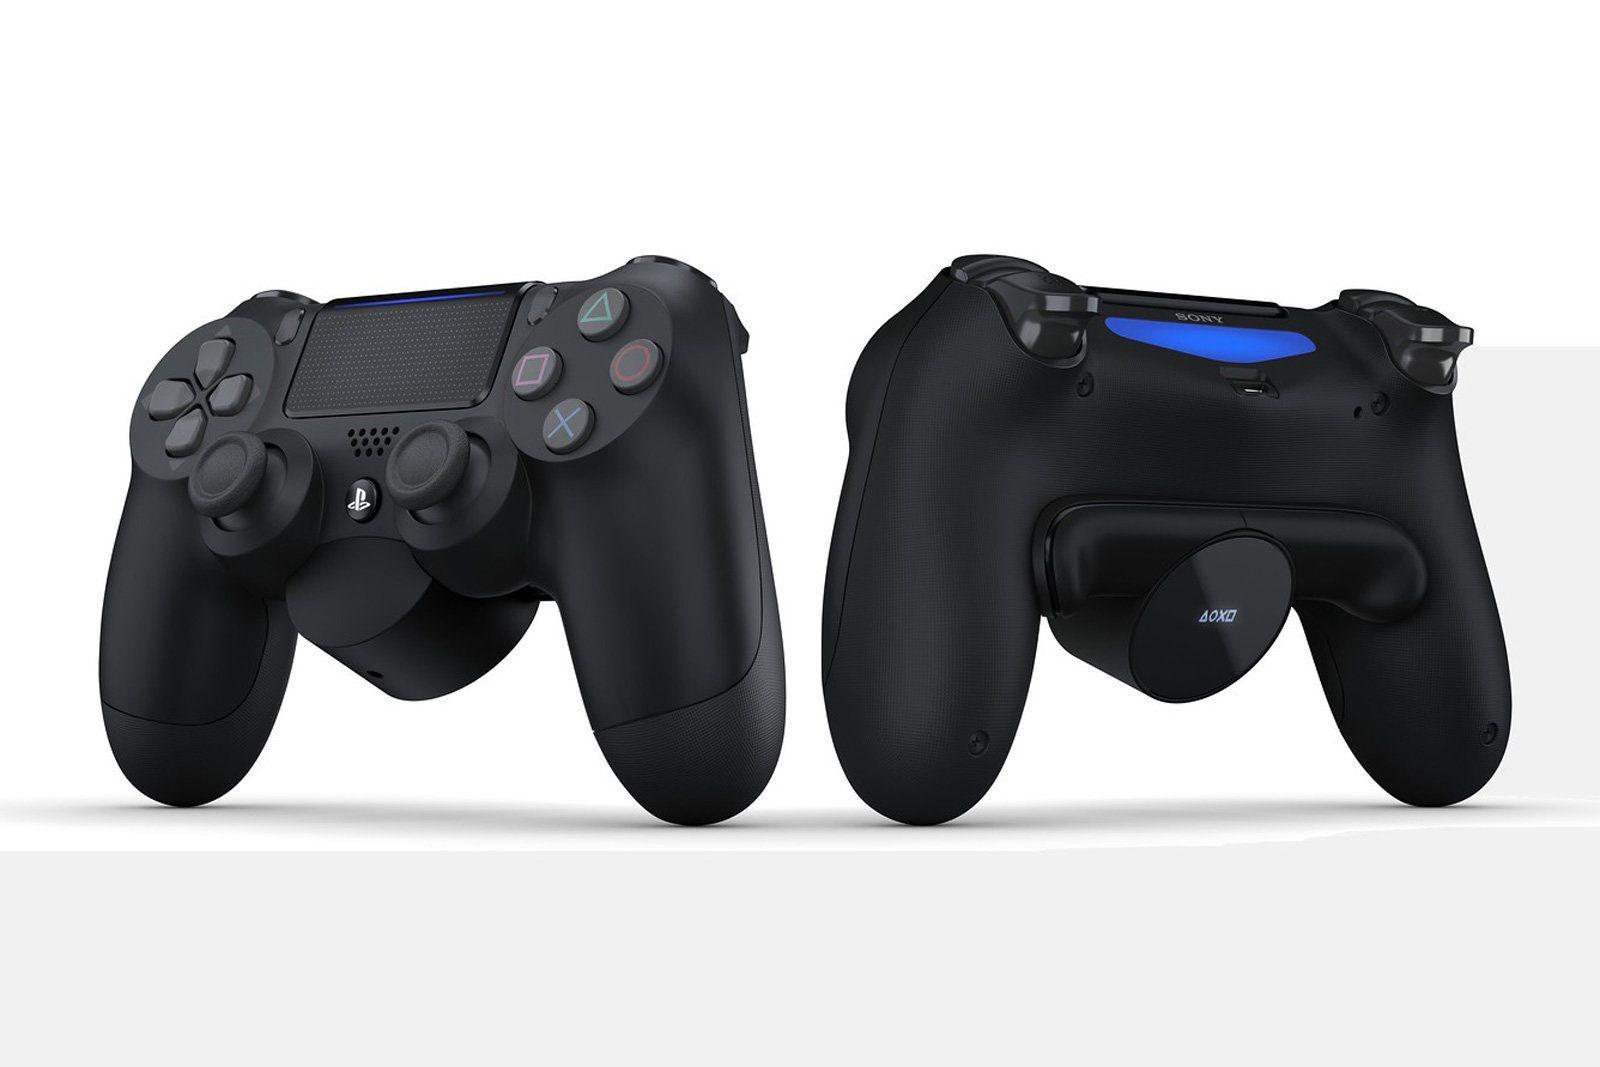 Aksesori PS4 ini bisa dipakai untuk memainkan games PS4 di PS5